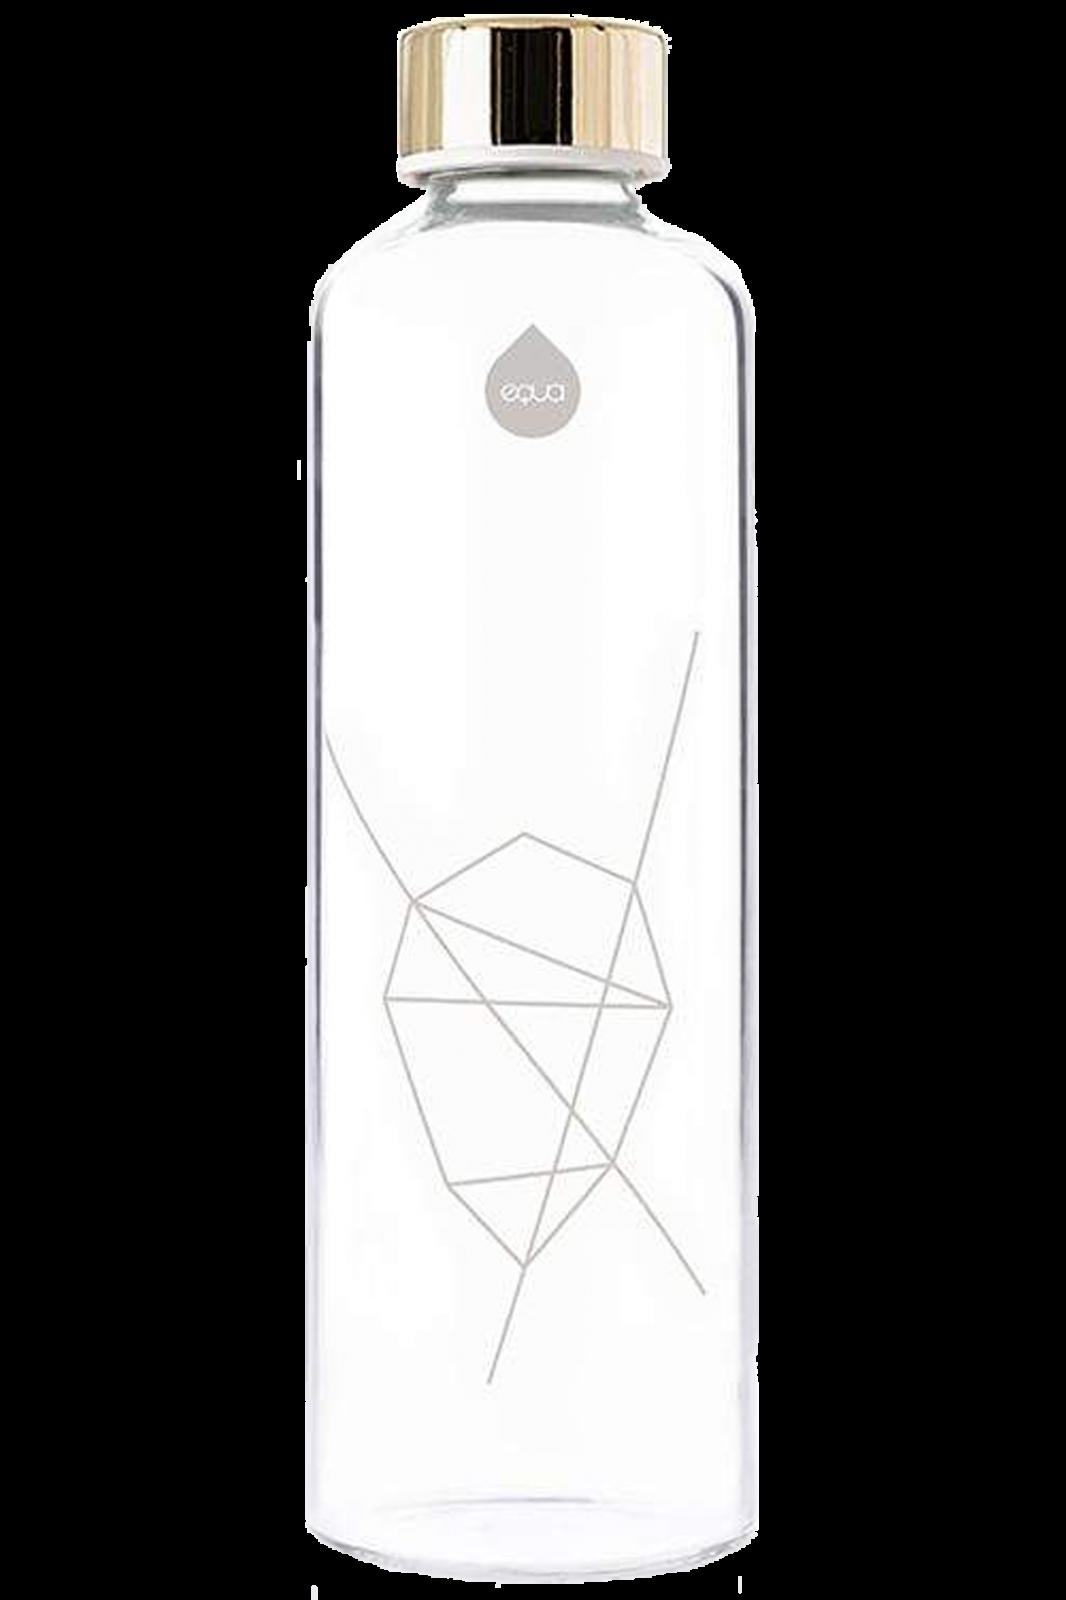 Skleněná láhev EQUA bez obalu Mismatch White 750ml